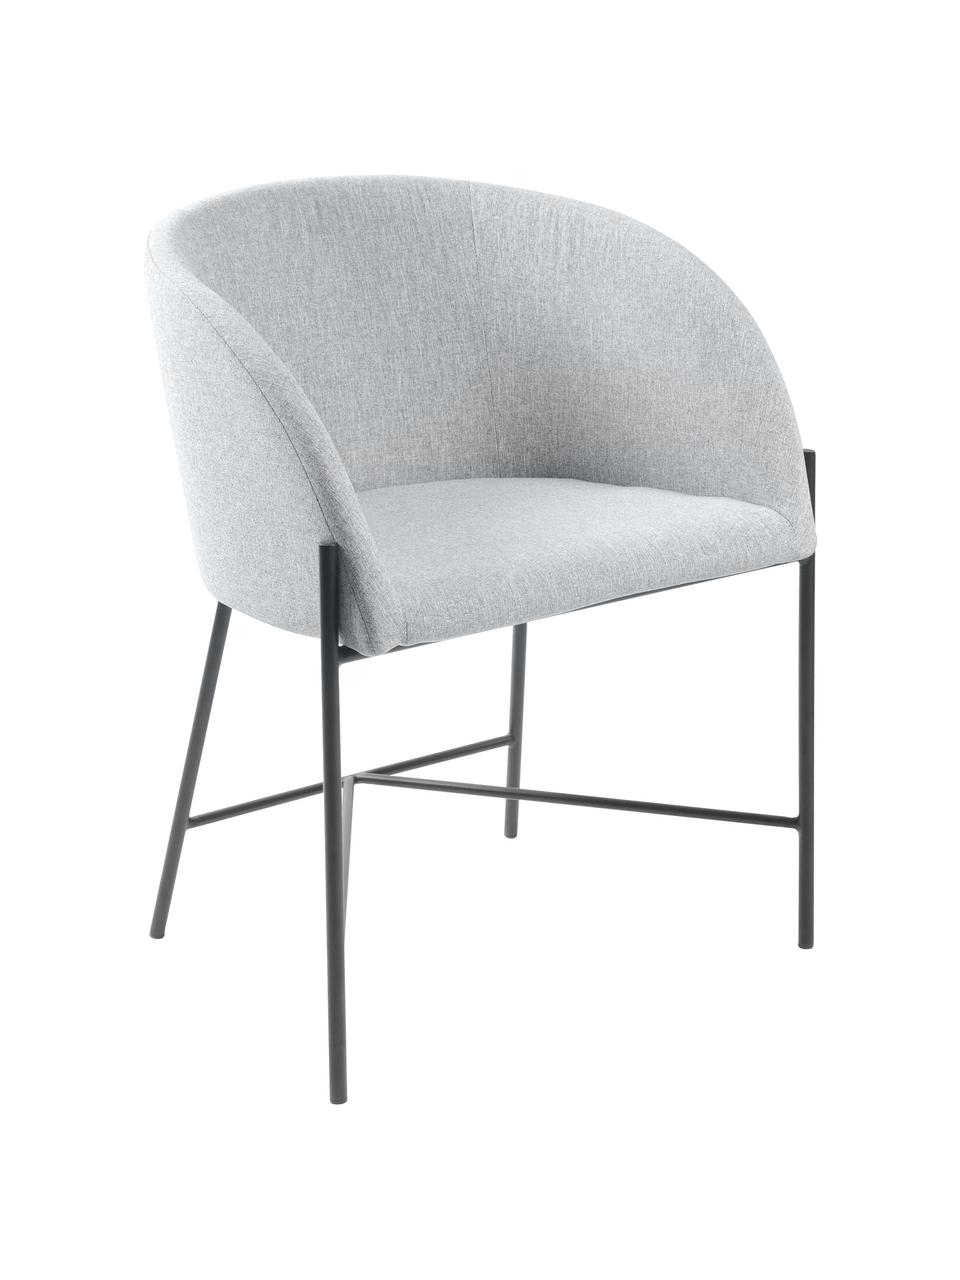 Chaise rembourrée Nelson, Tissu gris clair, pieds noir